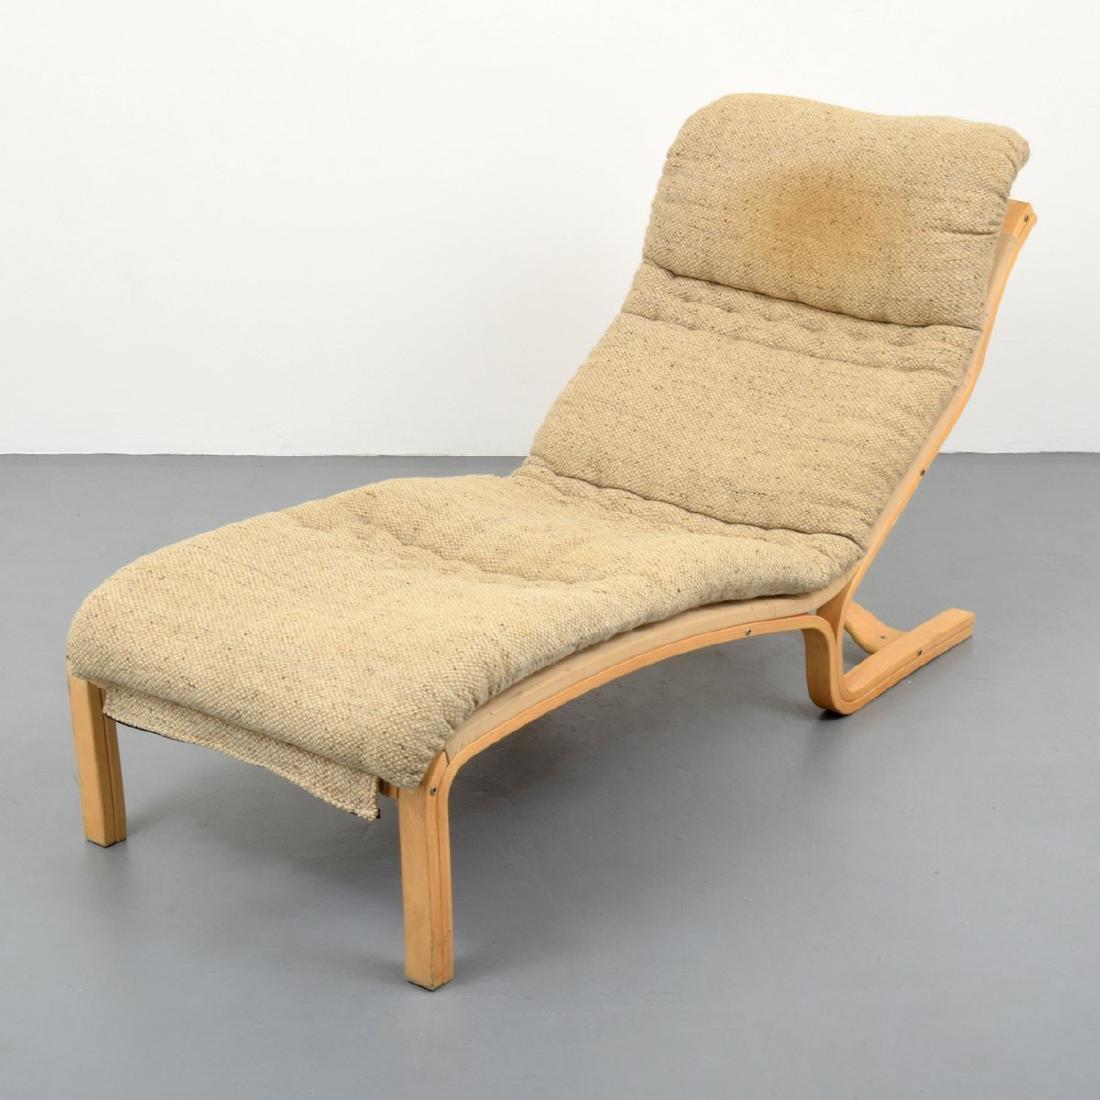 Esko Pajamies Chaise Lounge Chair - 3